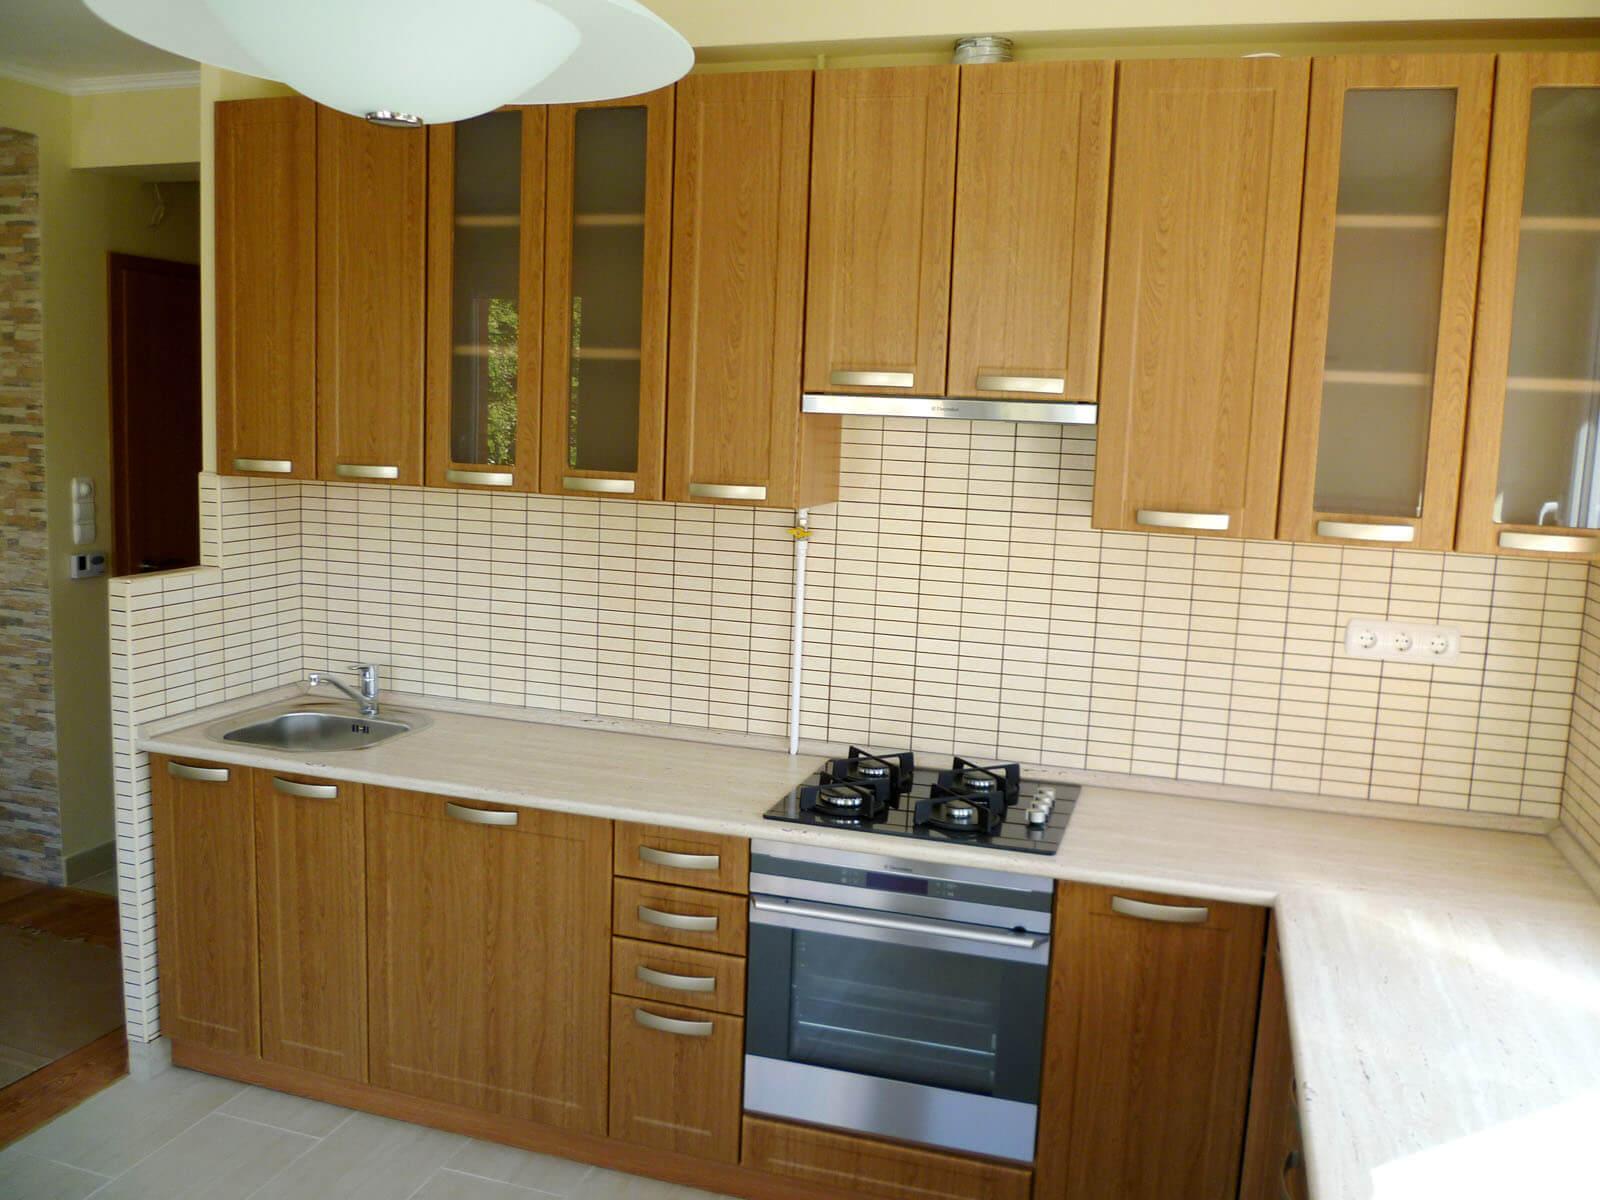 Egyedi natúr konyhabútor üveges ajtókkal és beépített gépekkel